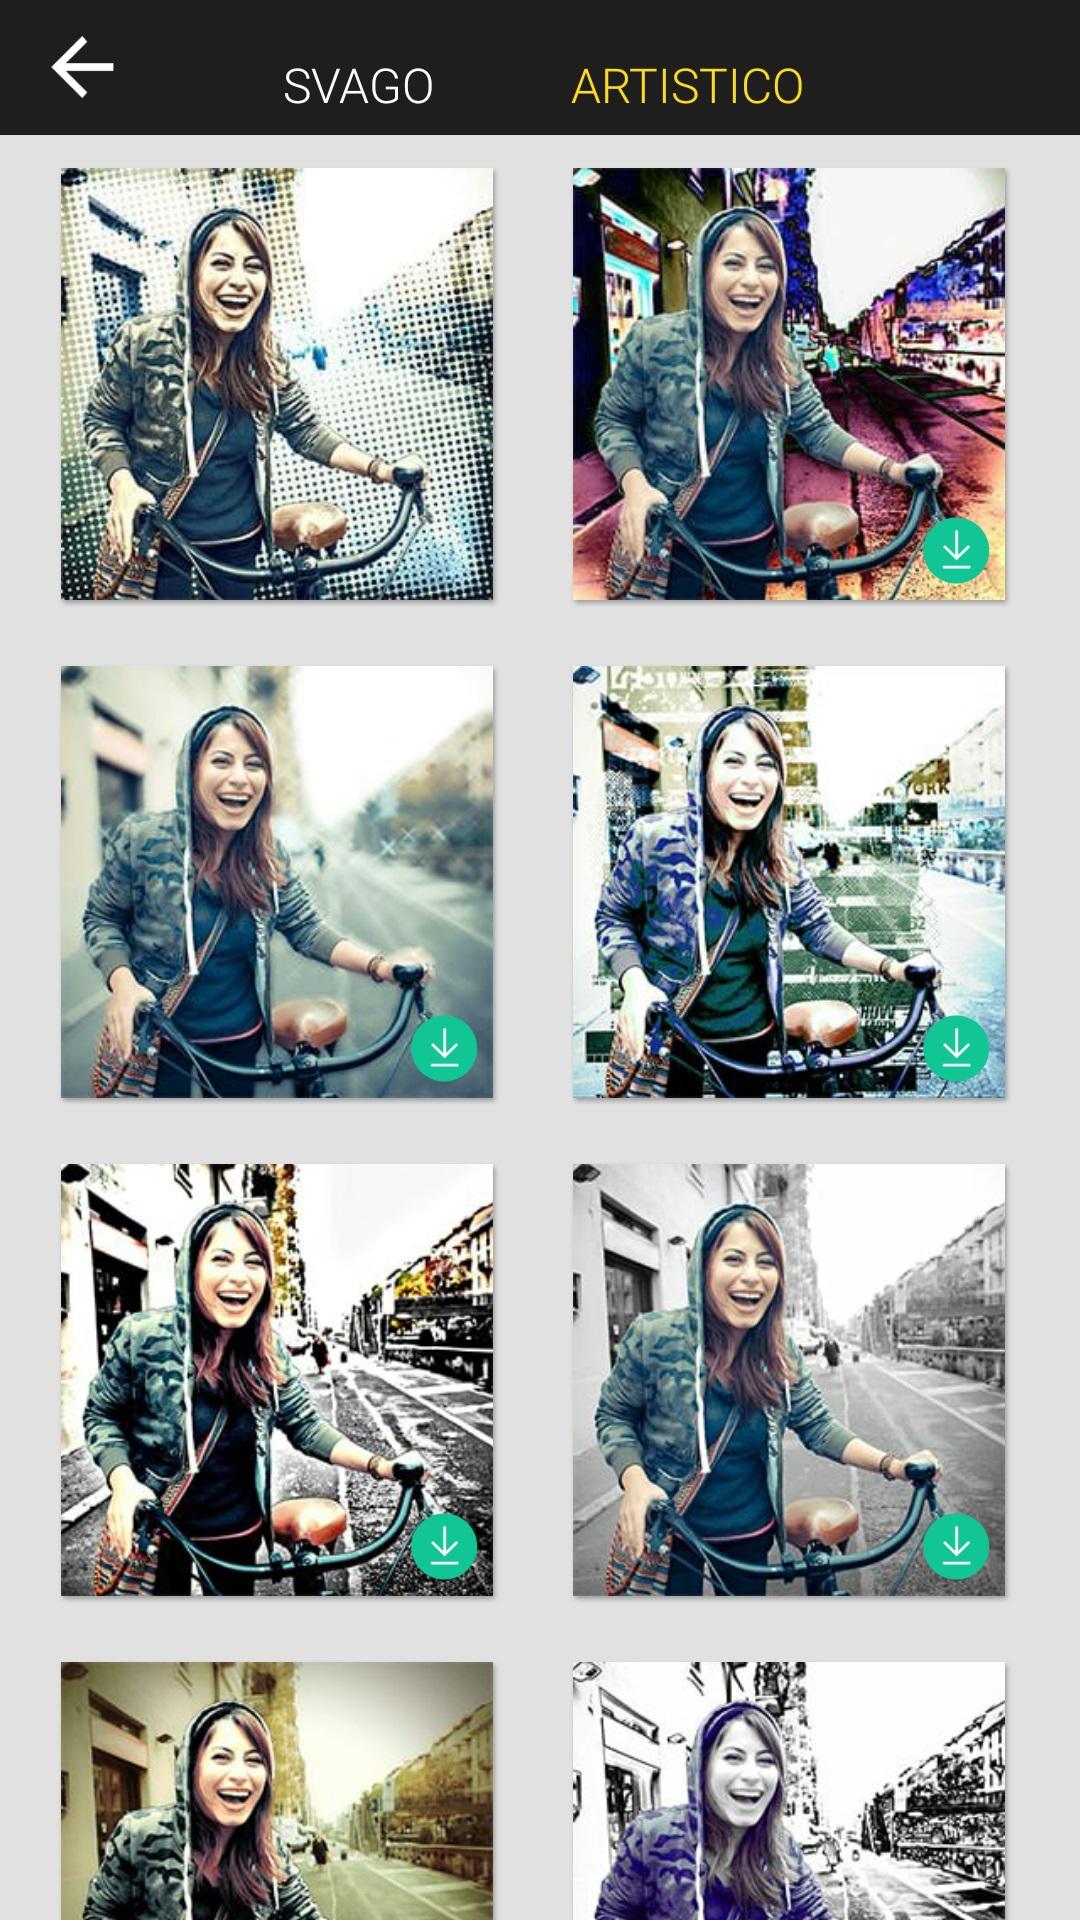 App per migliorare le foto 61